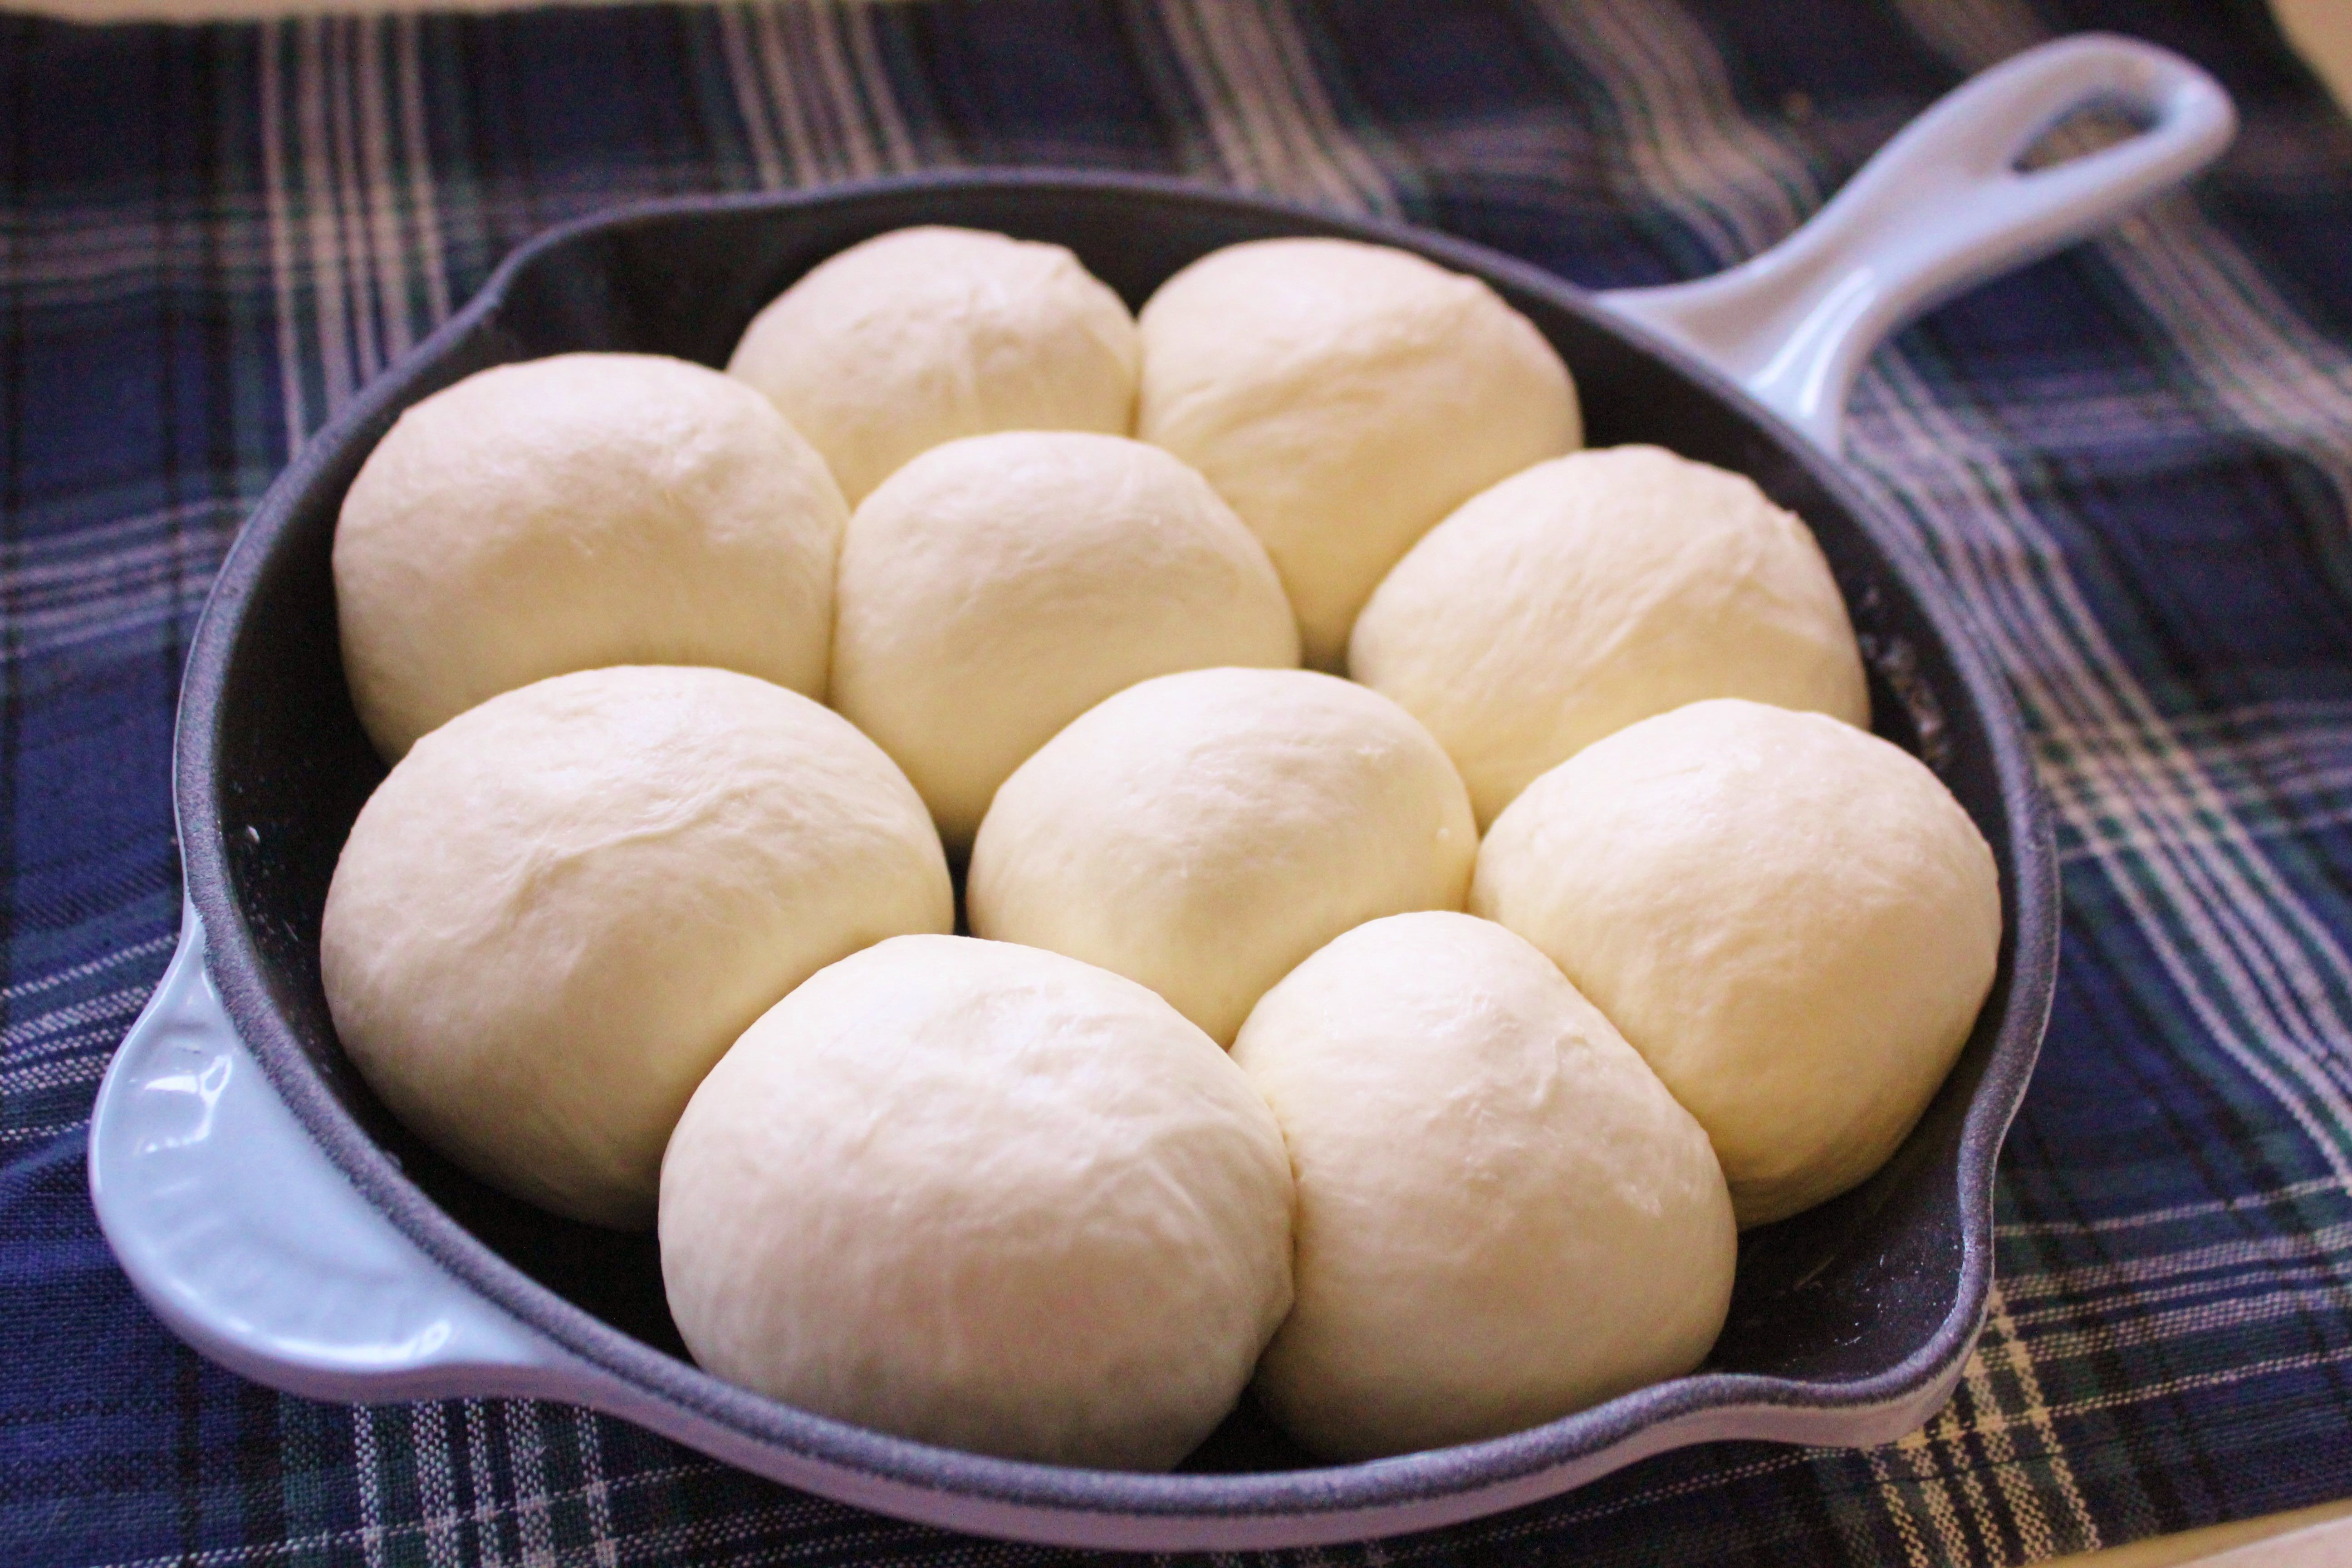 スキレットで朝から焼けちゃう!簡単モチ肌ちぎりパンのレシピを公開